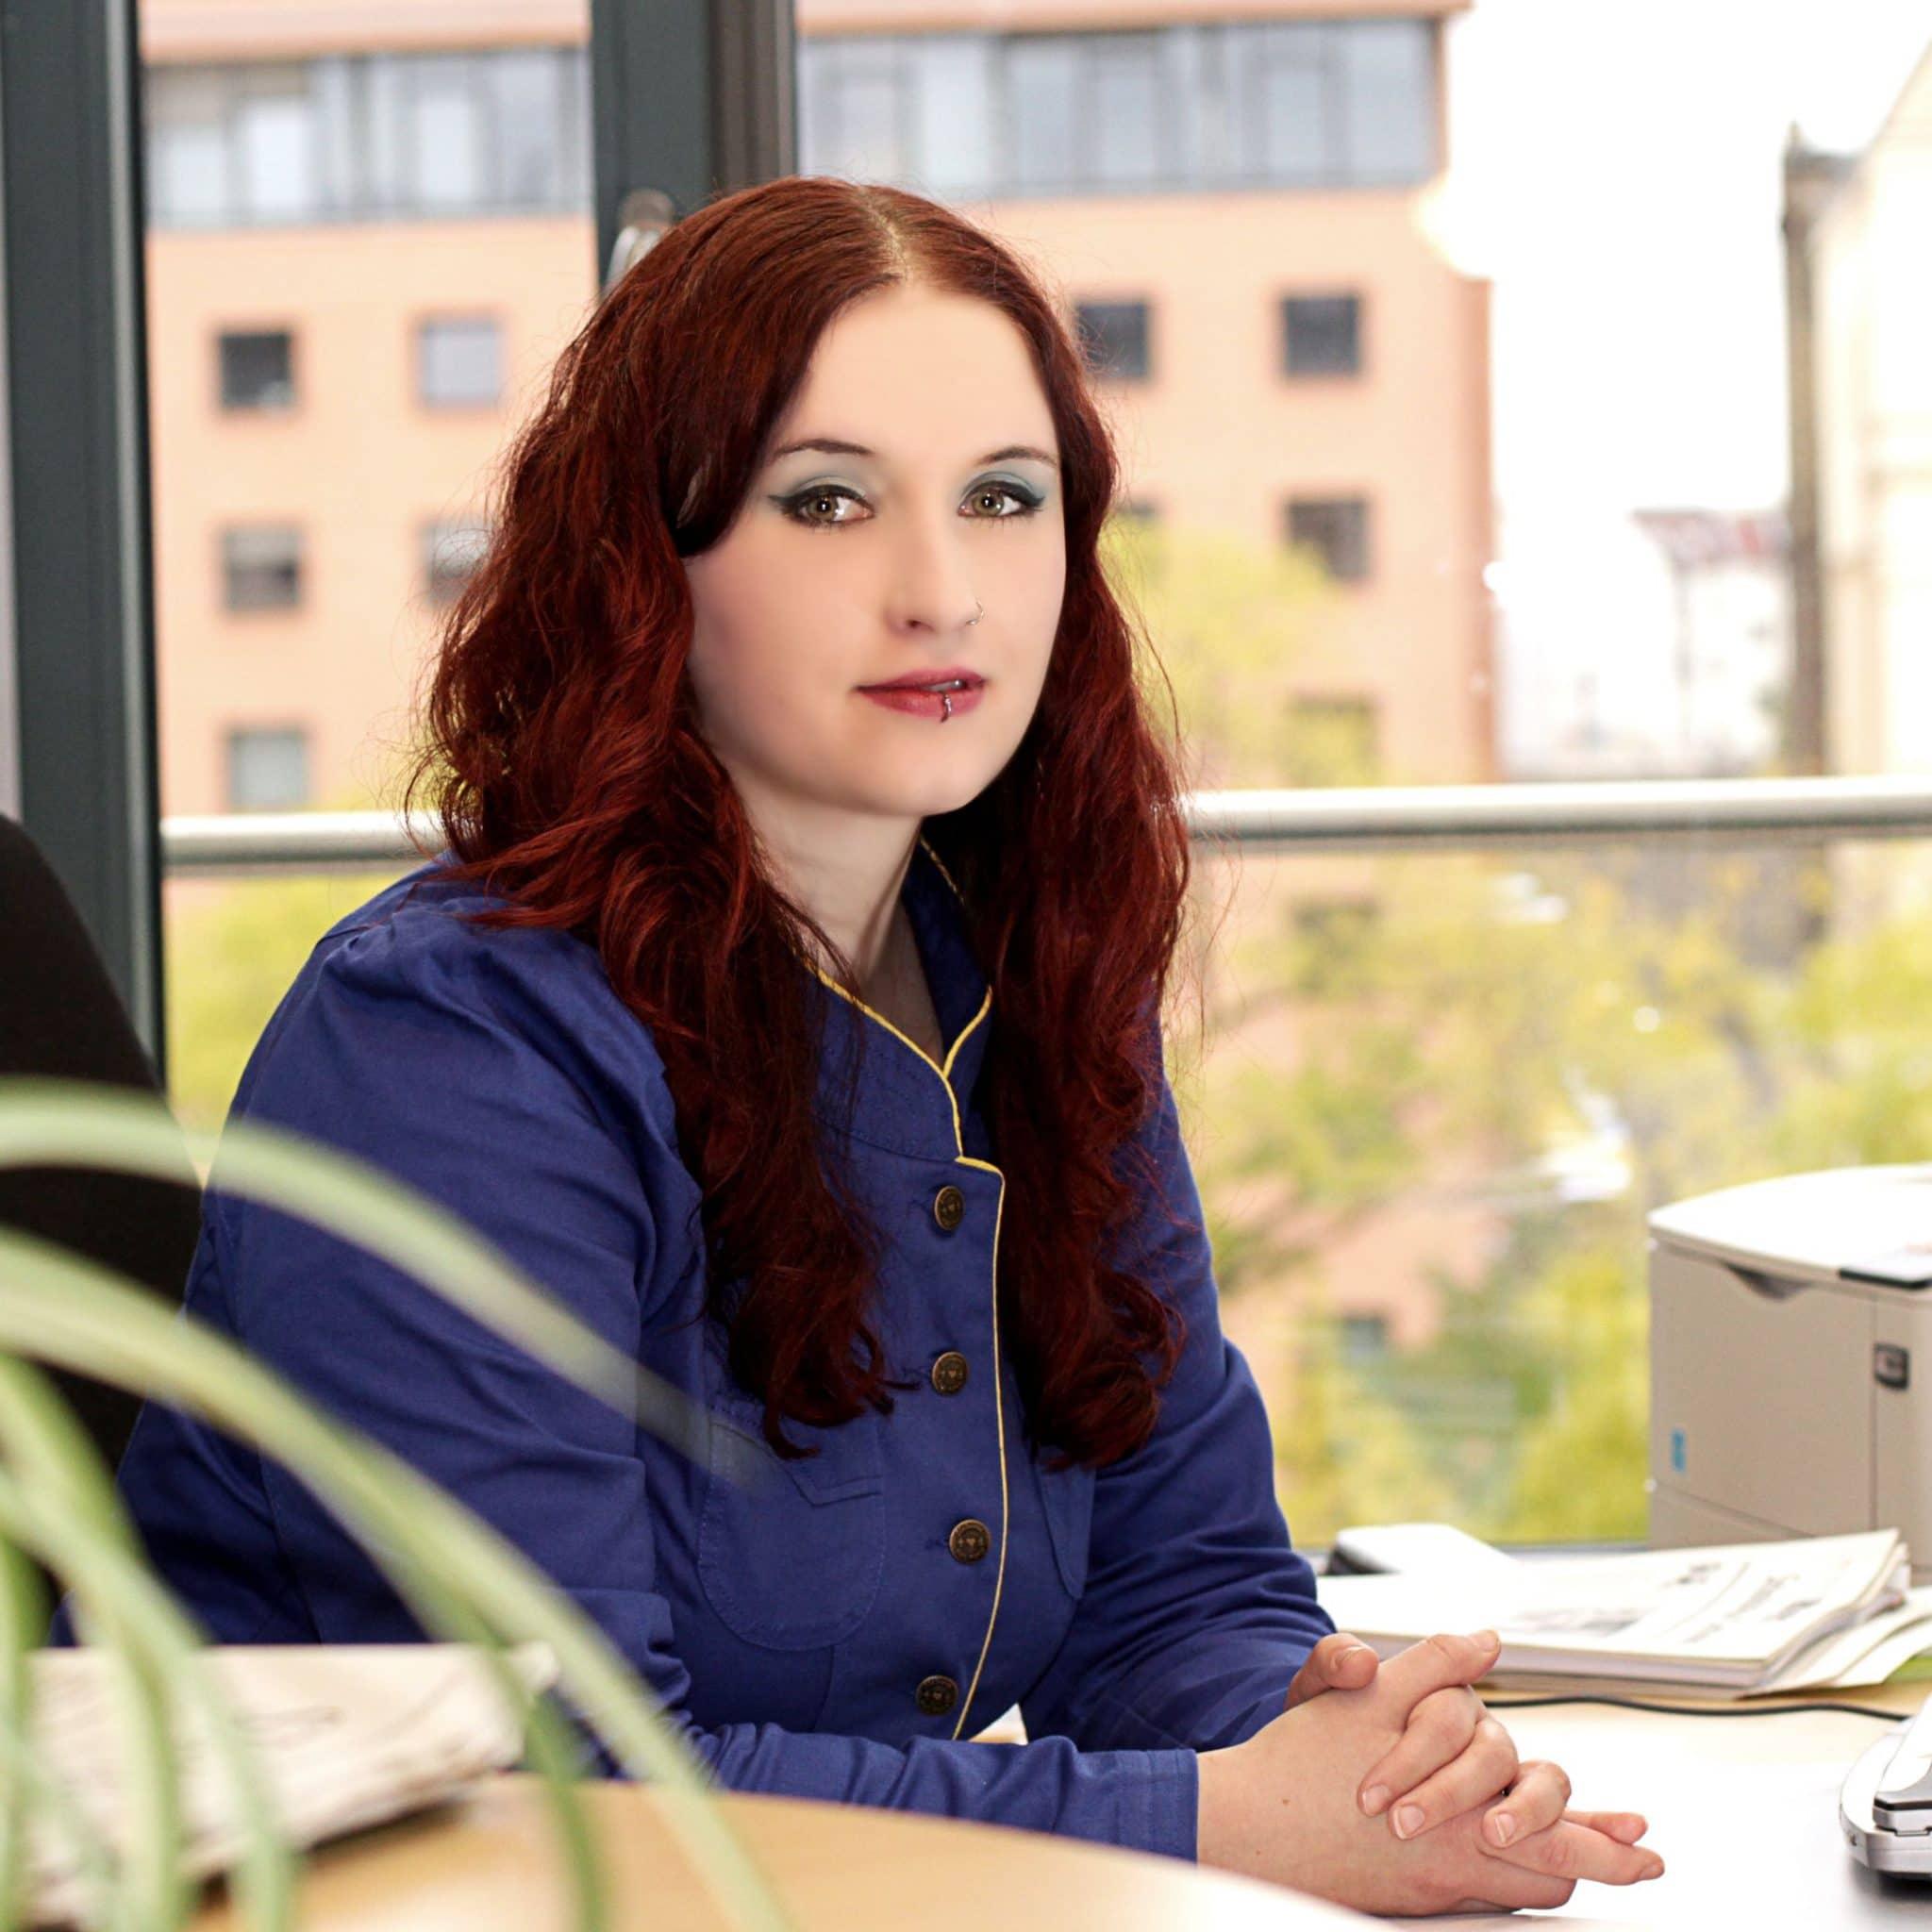 Agnieszka Brugger, Foto: Stephan Baumann